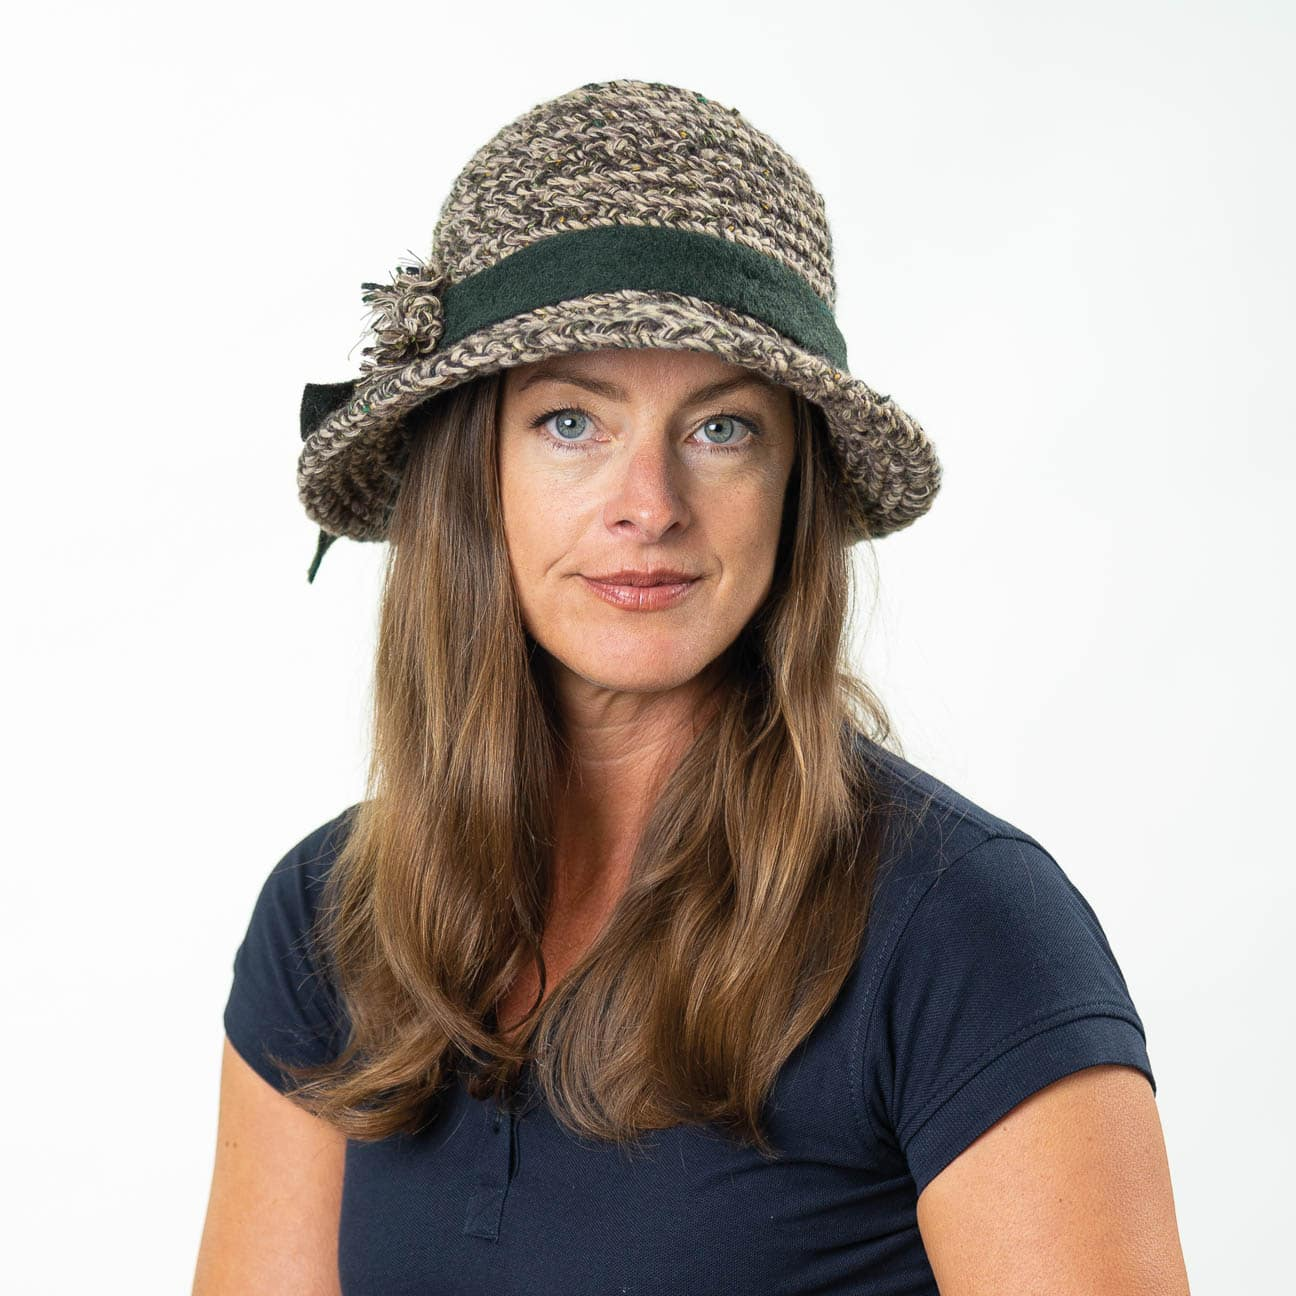 1f925faae13fd Sombrero de ala Ancha Tajana by Lierys - Sombreros - sombreroshop.es